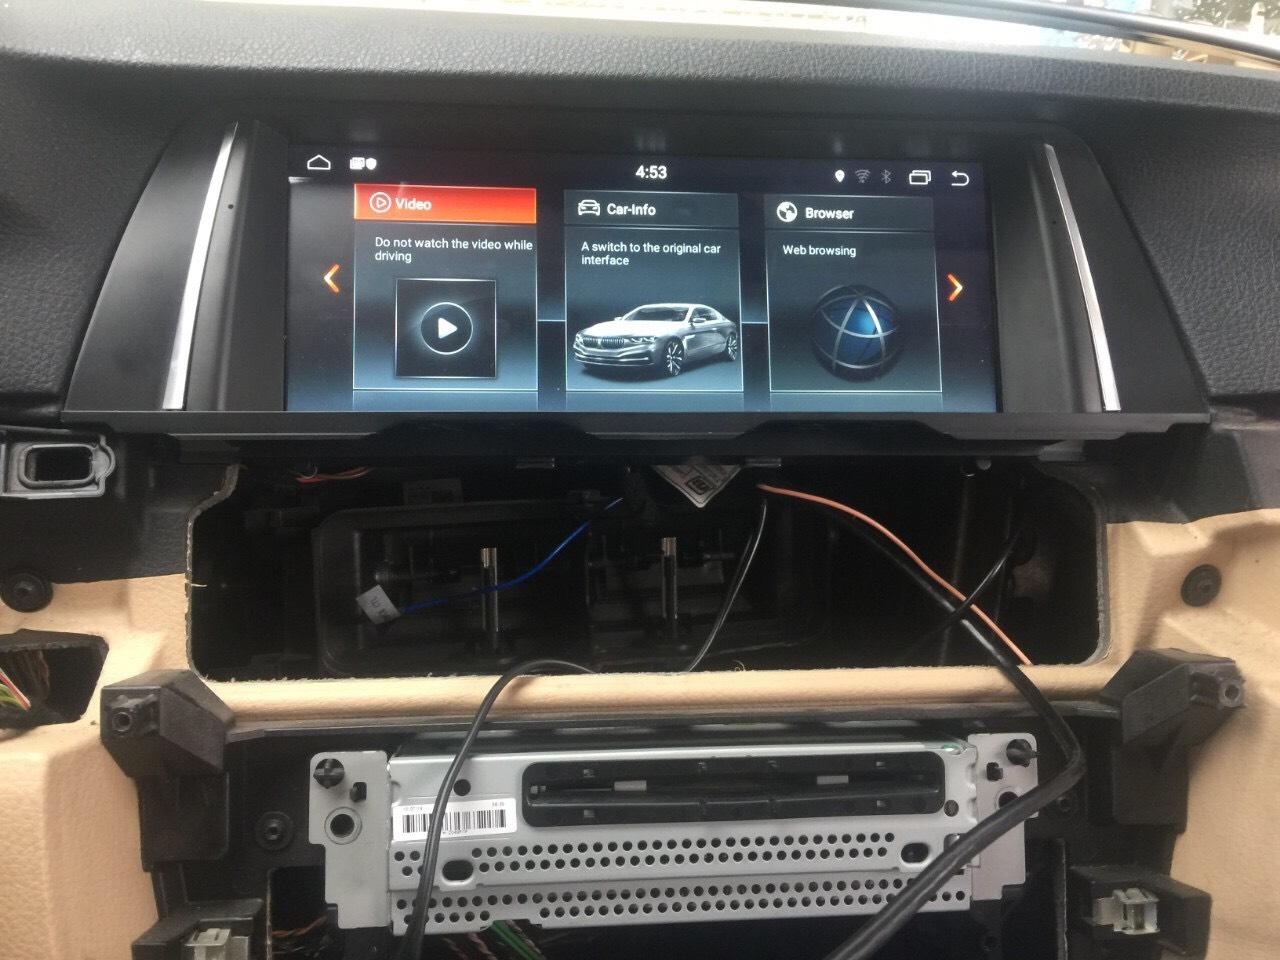 Lắp đặt màn hình không gây ảnh hưởng đến kết cấu xe